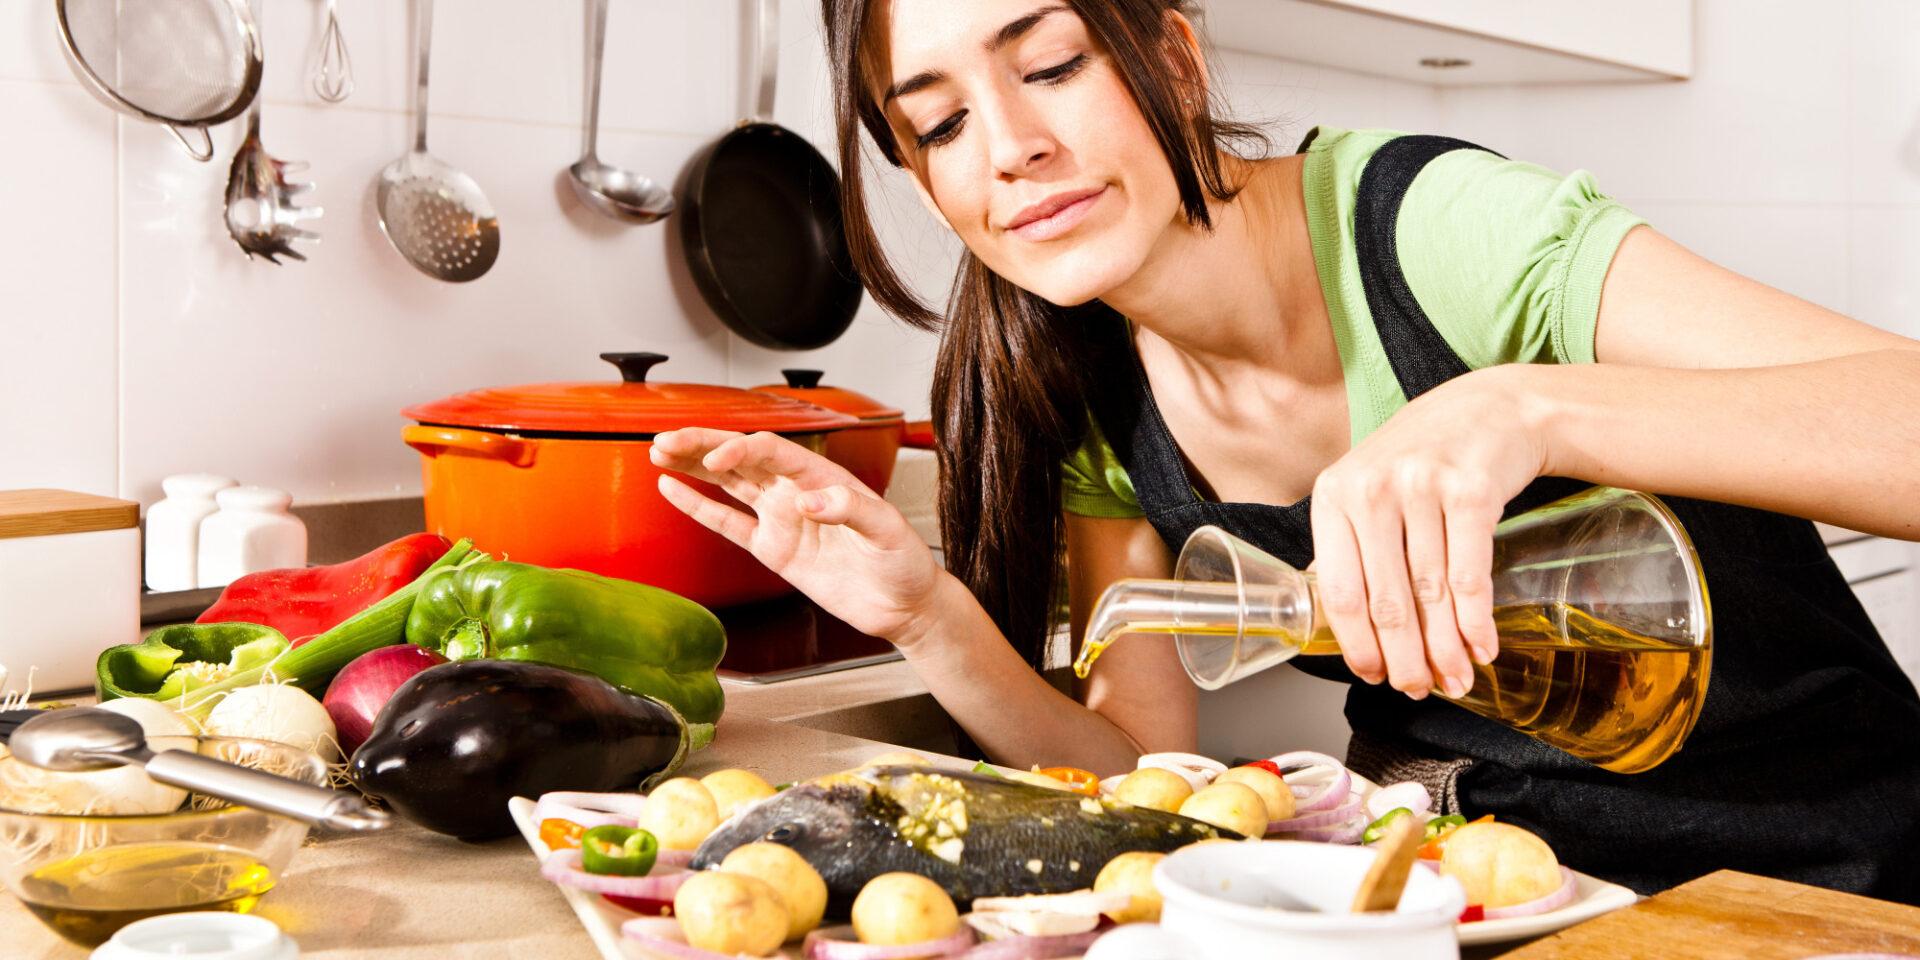 Képtalálatok a következőre: woman healthy food fish